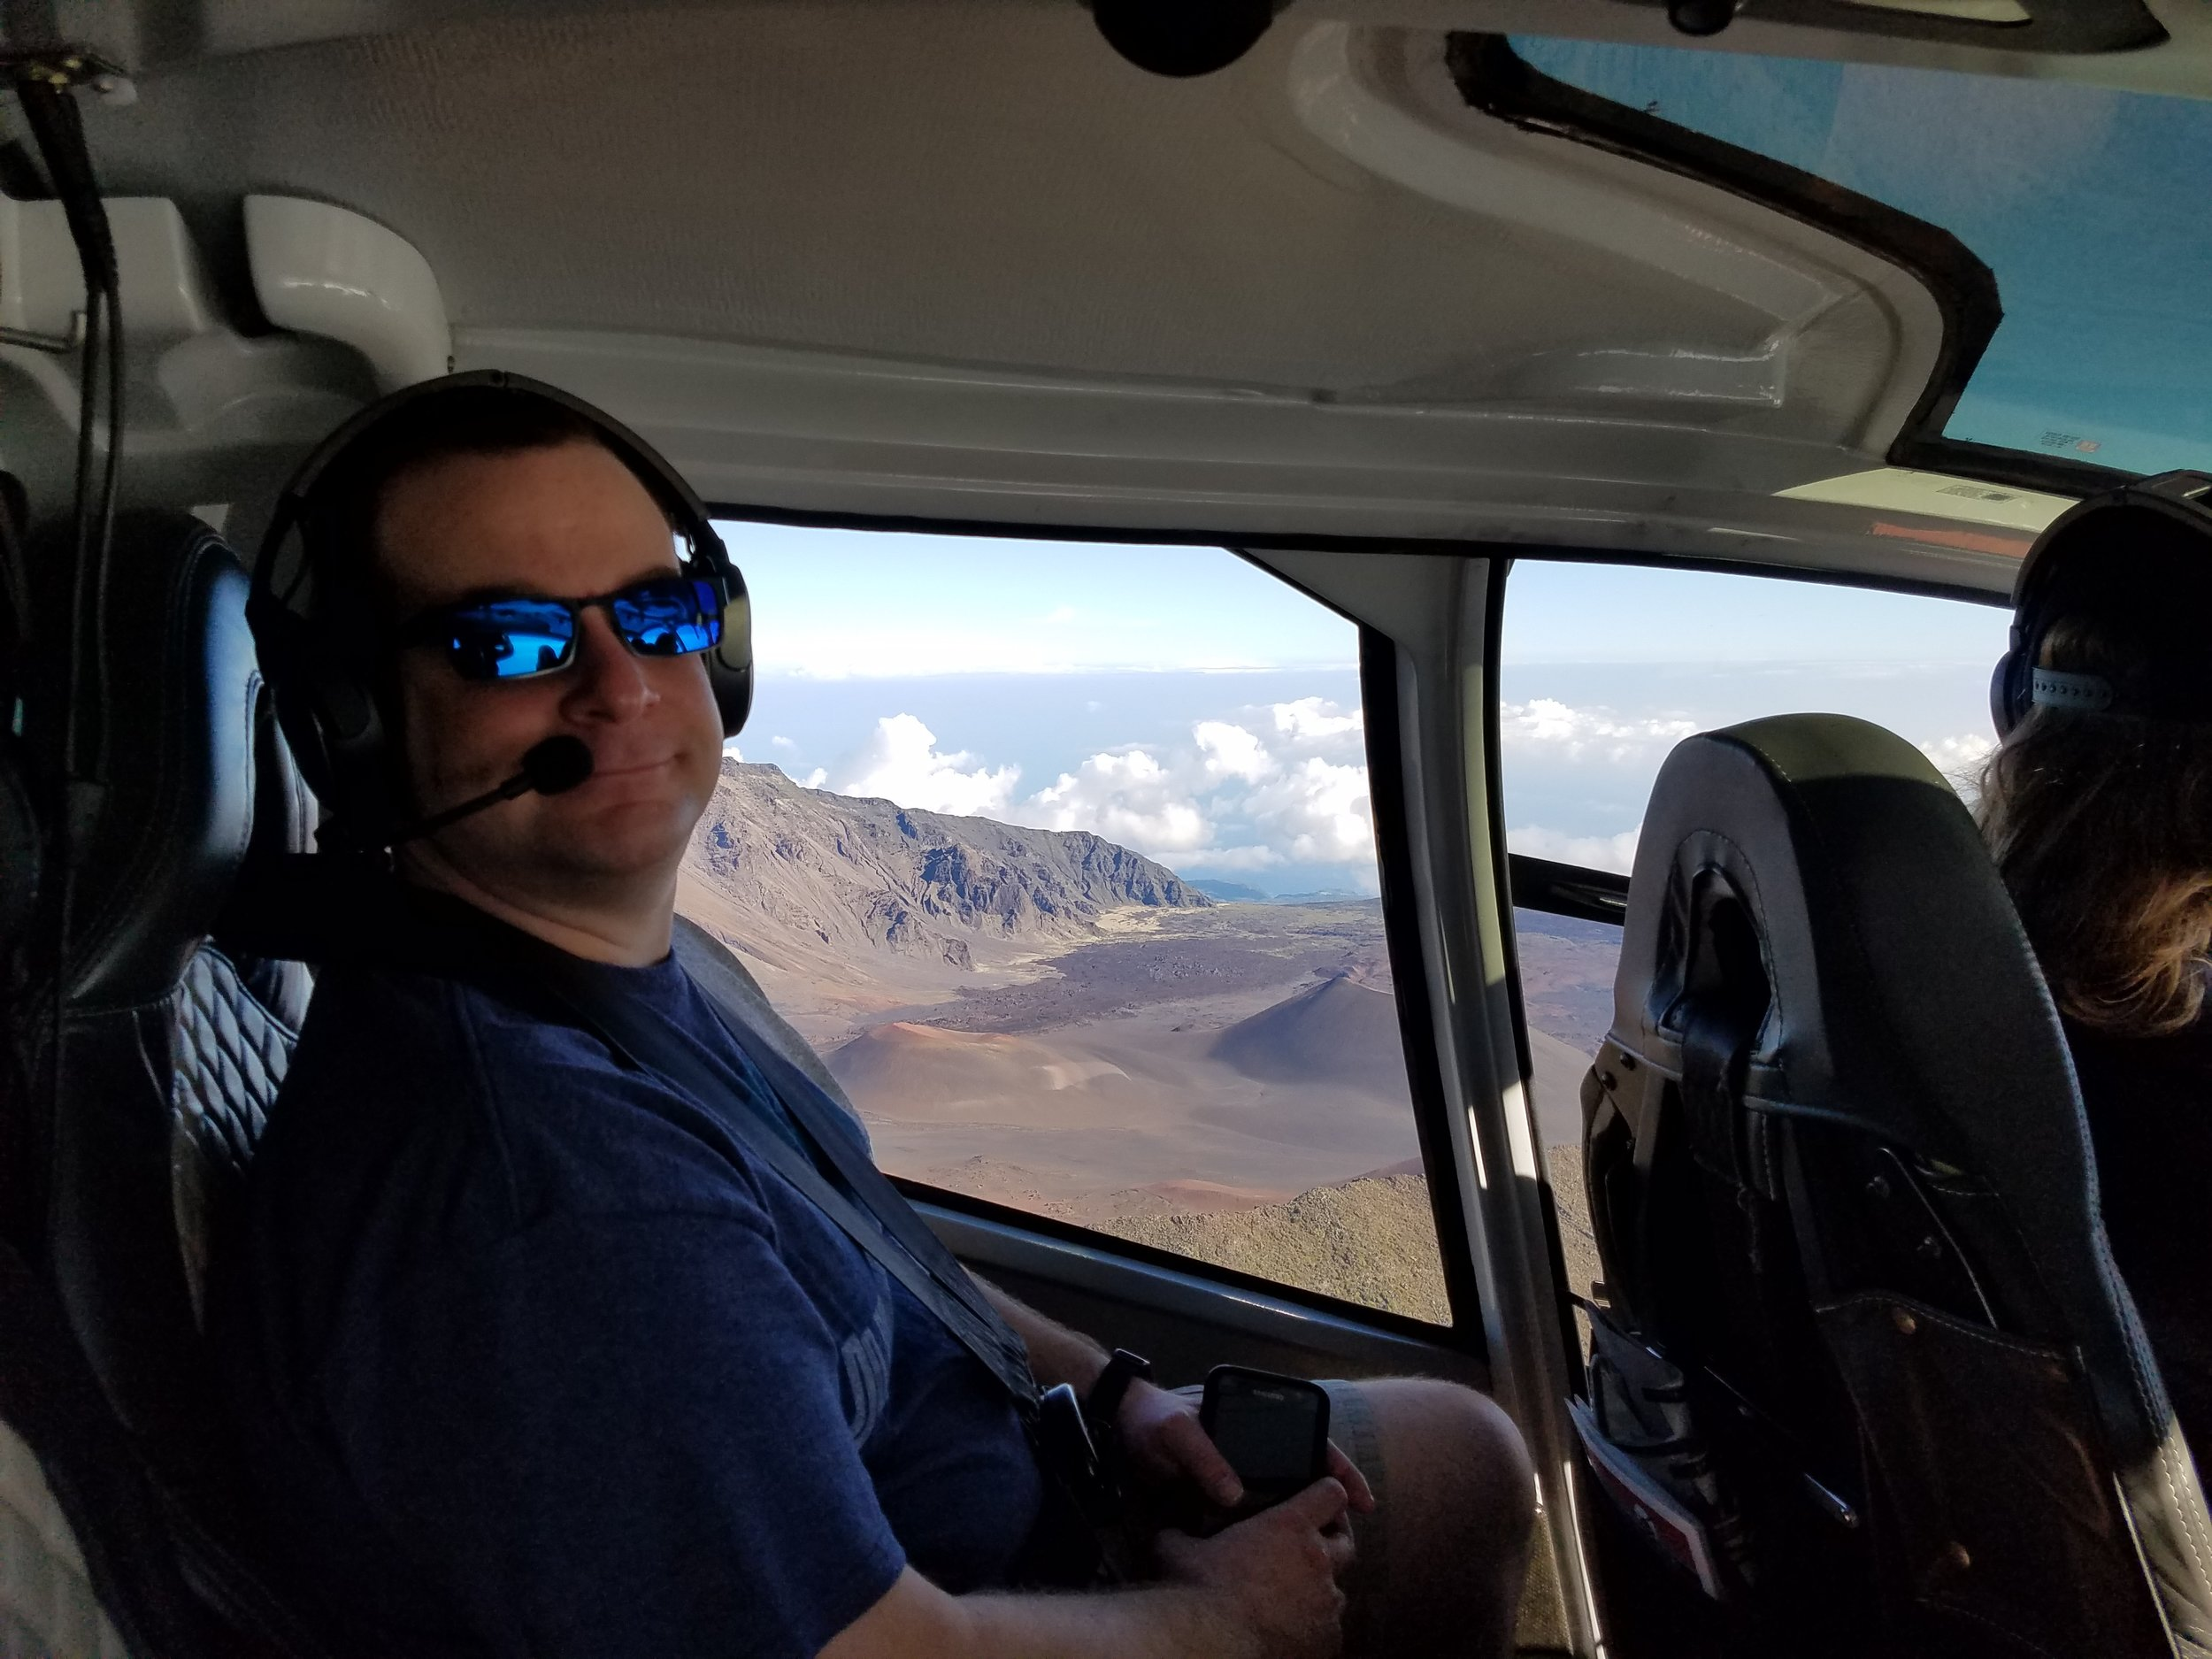 Steve helicopter ride Maui Hawaii.jpg